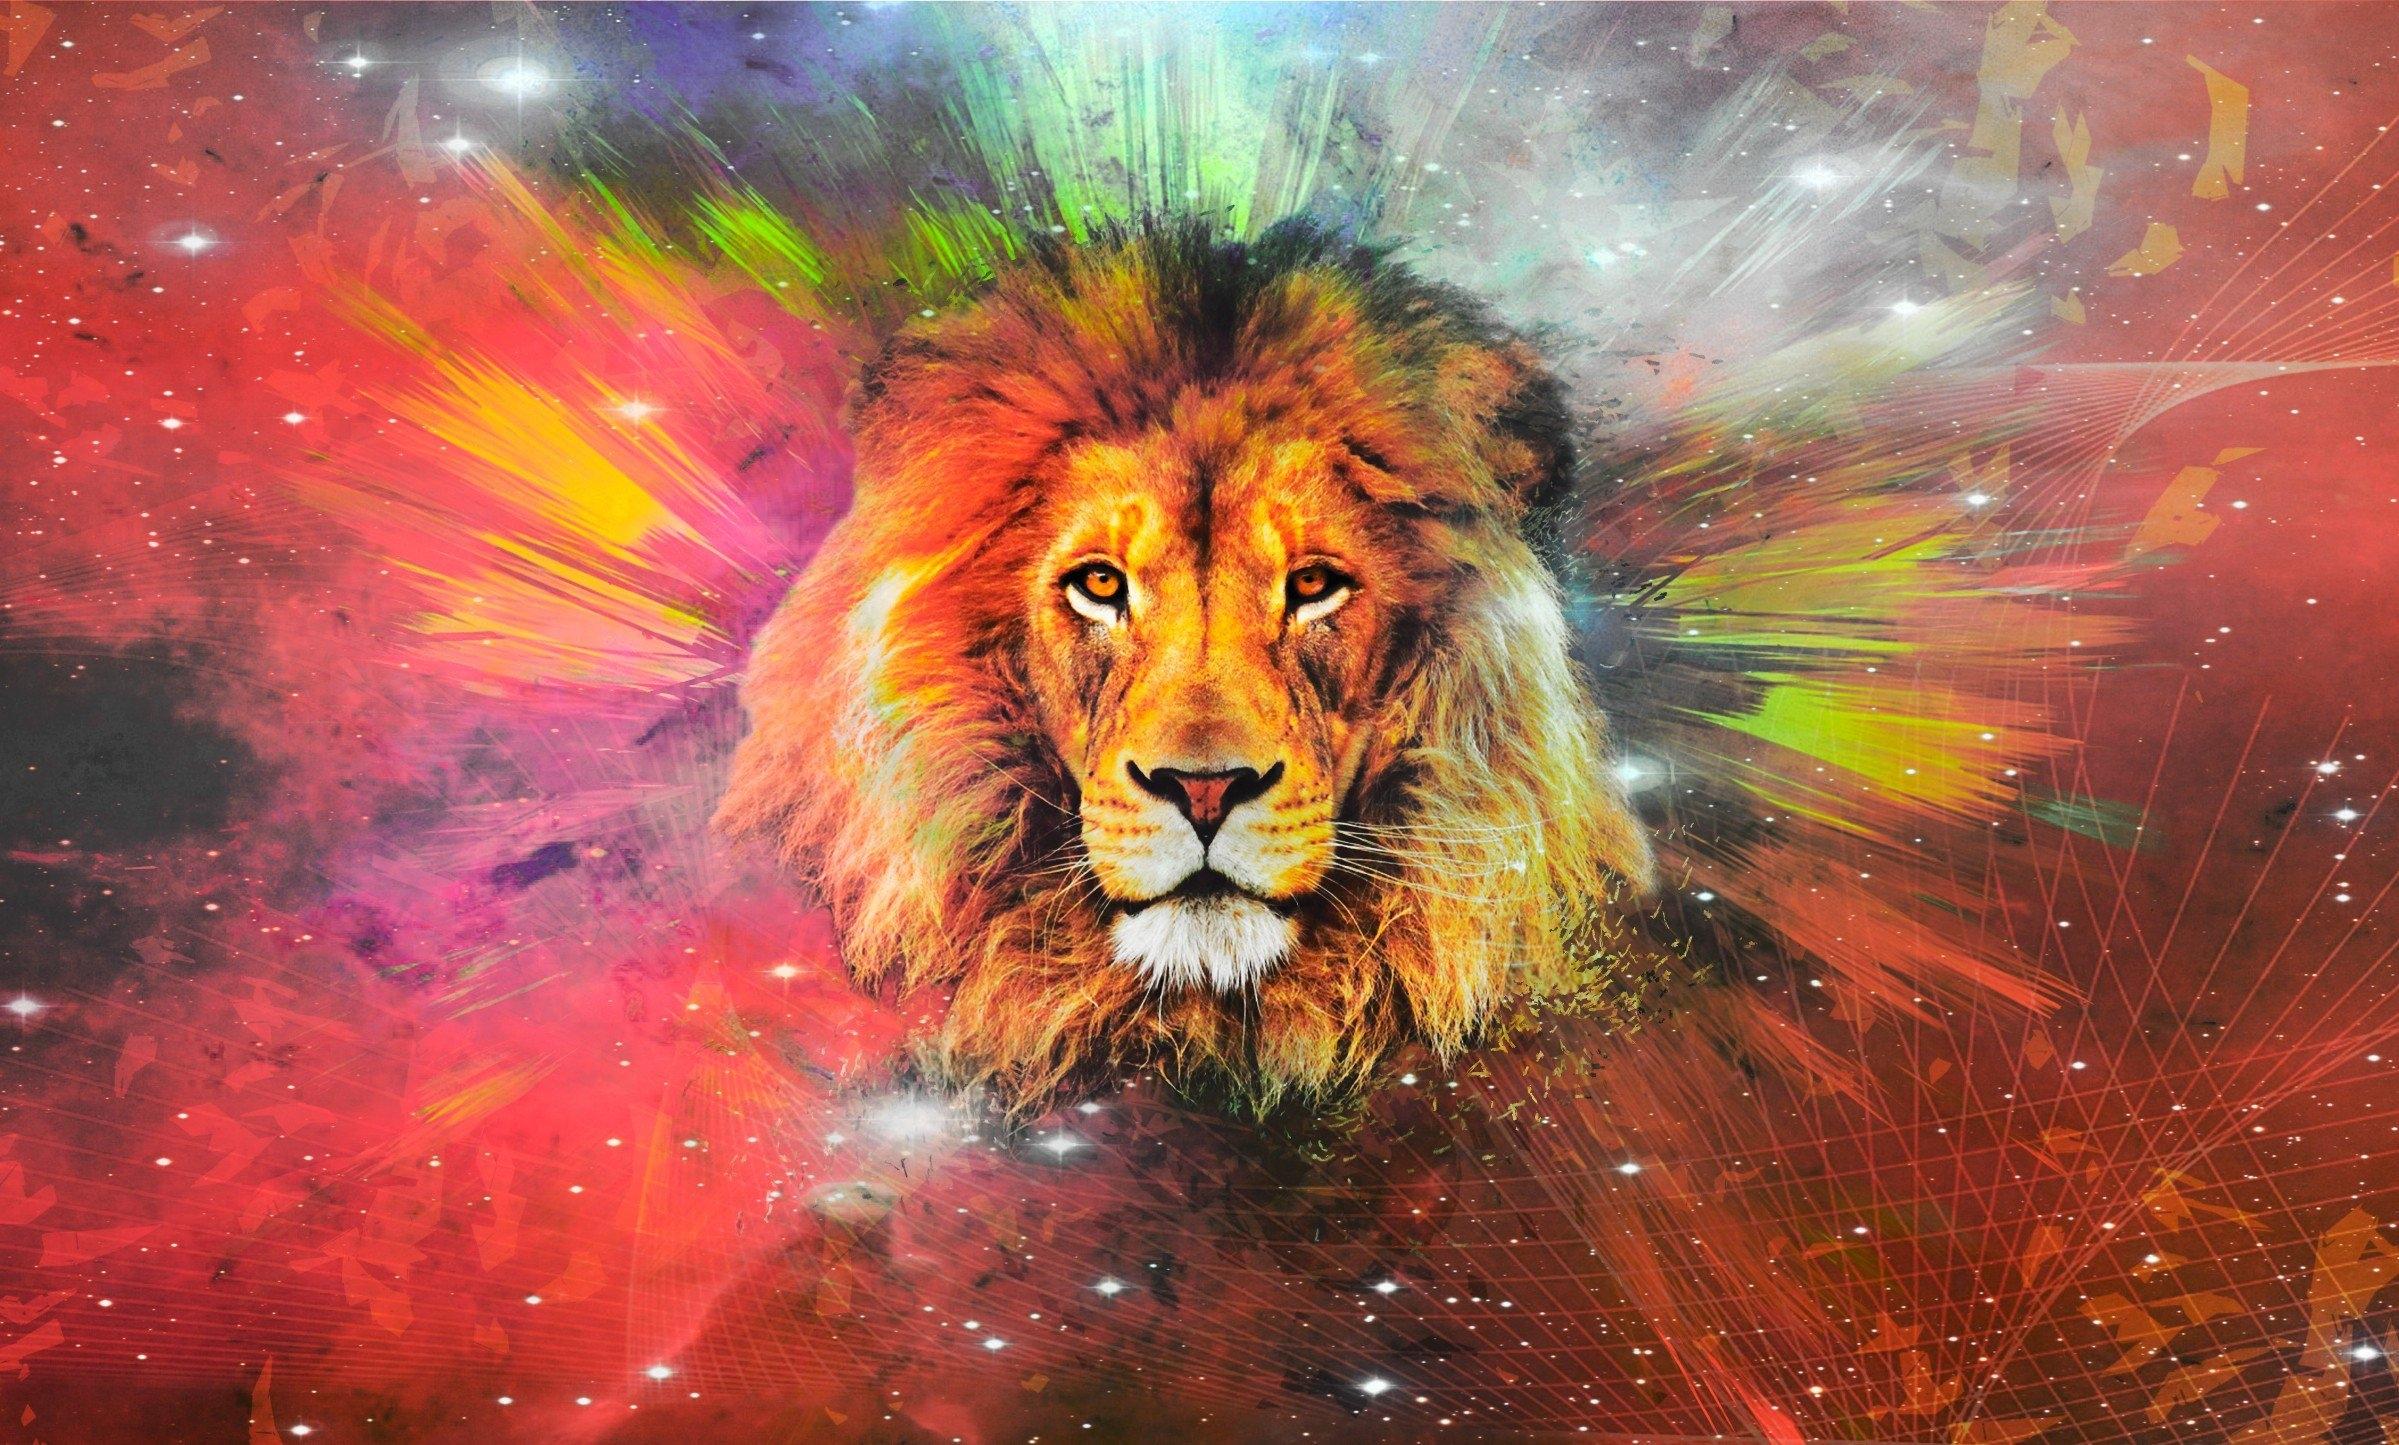 León con colores de acuarela